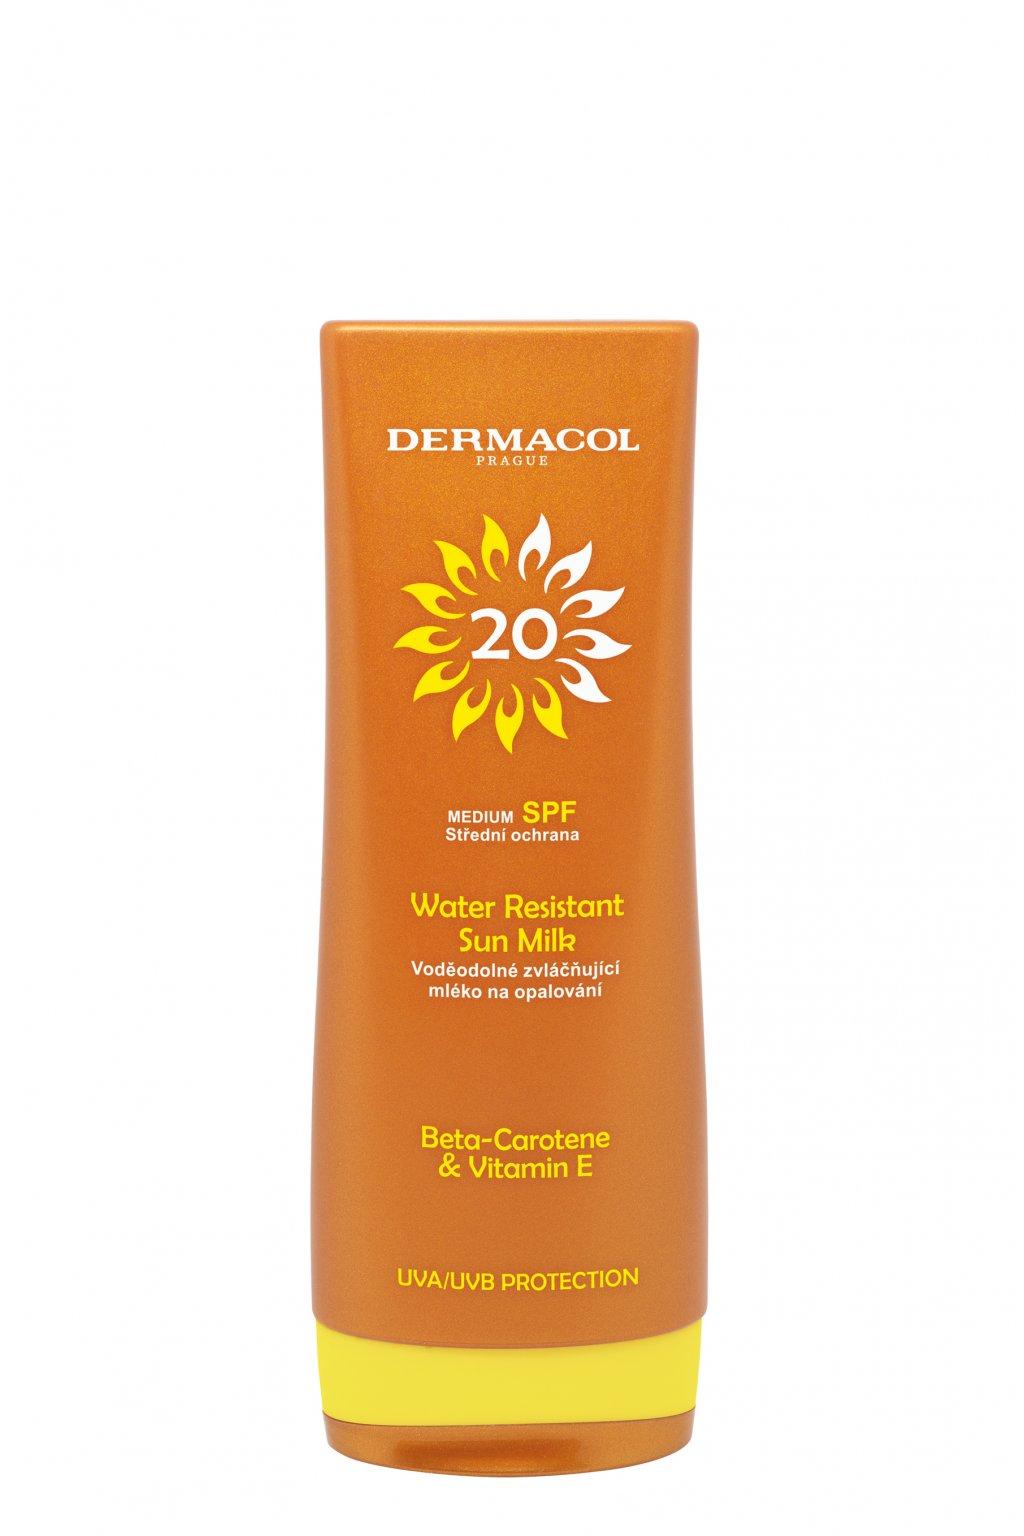 dermacol sun water resistant vodeodolne mleko na opalovani s betakarotenem spf 20